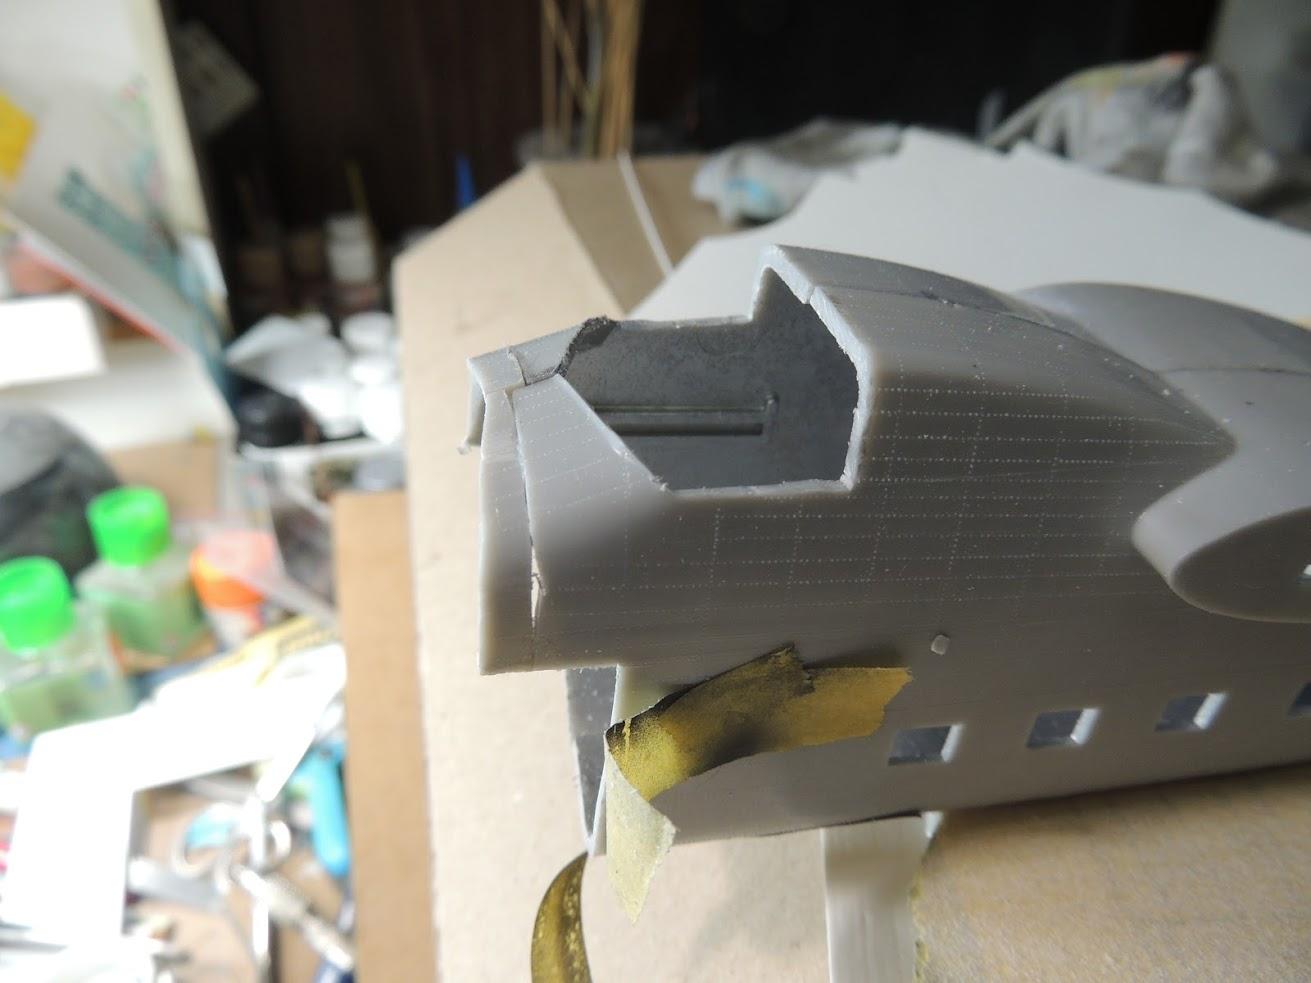 Bristol Freighter, base airfix + magna + airmodel 1/72 Tnjl7AOcnXlyHc0eJ7pSOuLHmp-5qETqpOuMrhyy5xJW2NRNNlgG4CE68AistLhjN2_LgbSXTvZdiAQ-bhJFrlY-zzz9qo5Od4QJpuptE3C191rqlHSEmO4JxSKaCs4Goaiva2d0t67sJnQkuUdW8RWwhbIjAkfqAzqYwygflt0n4ykVEFmP_7TIUtZfVkl1p7p2JsL3aGeDnnUG6d89vzFbzk11ismzVYTXvxdc0tbRFUQ1jZjp21E-f0tmKwJ75iv3rnNOobQ-Qzb1oMQDH2ASkOBxmjKI8G5G8GVfR2yVp-0i4DSfleKqyrT_LE3LCQZ4QtBBjePSGUa7cpXqk-WnZEhefAv_9Pg9rGthaaiP8HbfMFzjbLcpssJK57Sm_hu_n517dcBm4X9EC4H1hpXJefHjJDRDdDGsCMHPwDwC_6HjAItEHvoM0u9EkEx32afMxMqu0gz4QoFOW8rCbQNri9ezLYusqHS8_Ku1EUYqaIXUjuNykroYPRhEOxiqXj5KDTyotzn07je3MynnpZQ7ta6twje1EyQN3q2YgaUOzqi8YA72A5T-e9Y8x6vE7I7fb3D1UdCHs3BiTUFfhJh7Jp_pN9GzxWUlFr3rZexVWTbdNwA5FNJ9CQi-T5g=w1311-h983-no